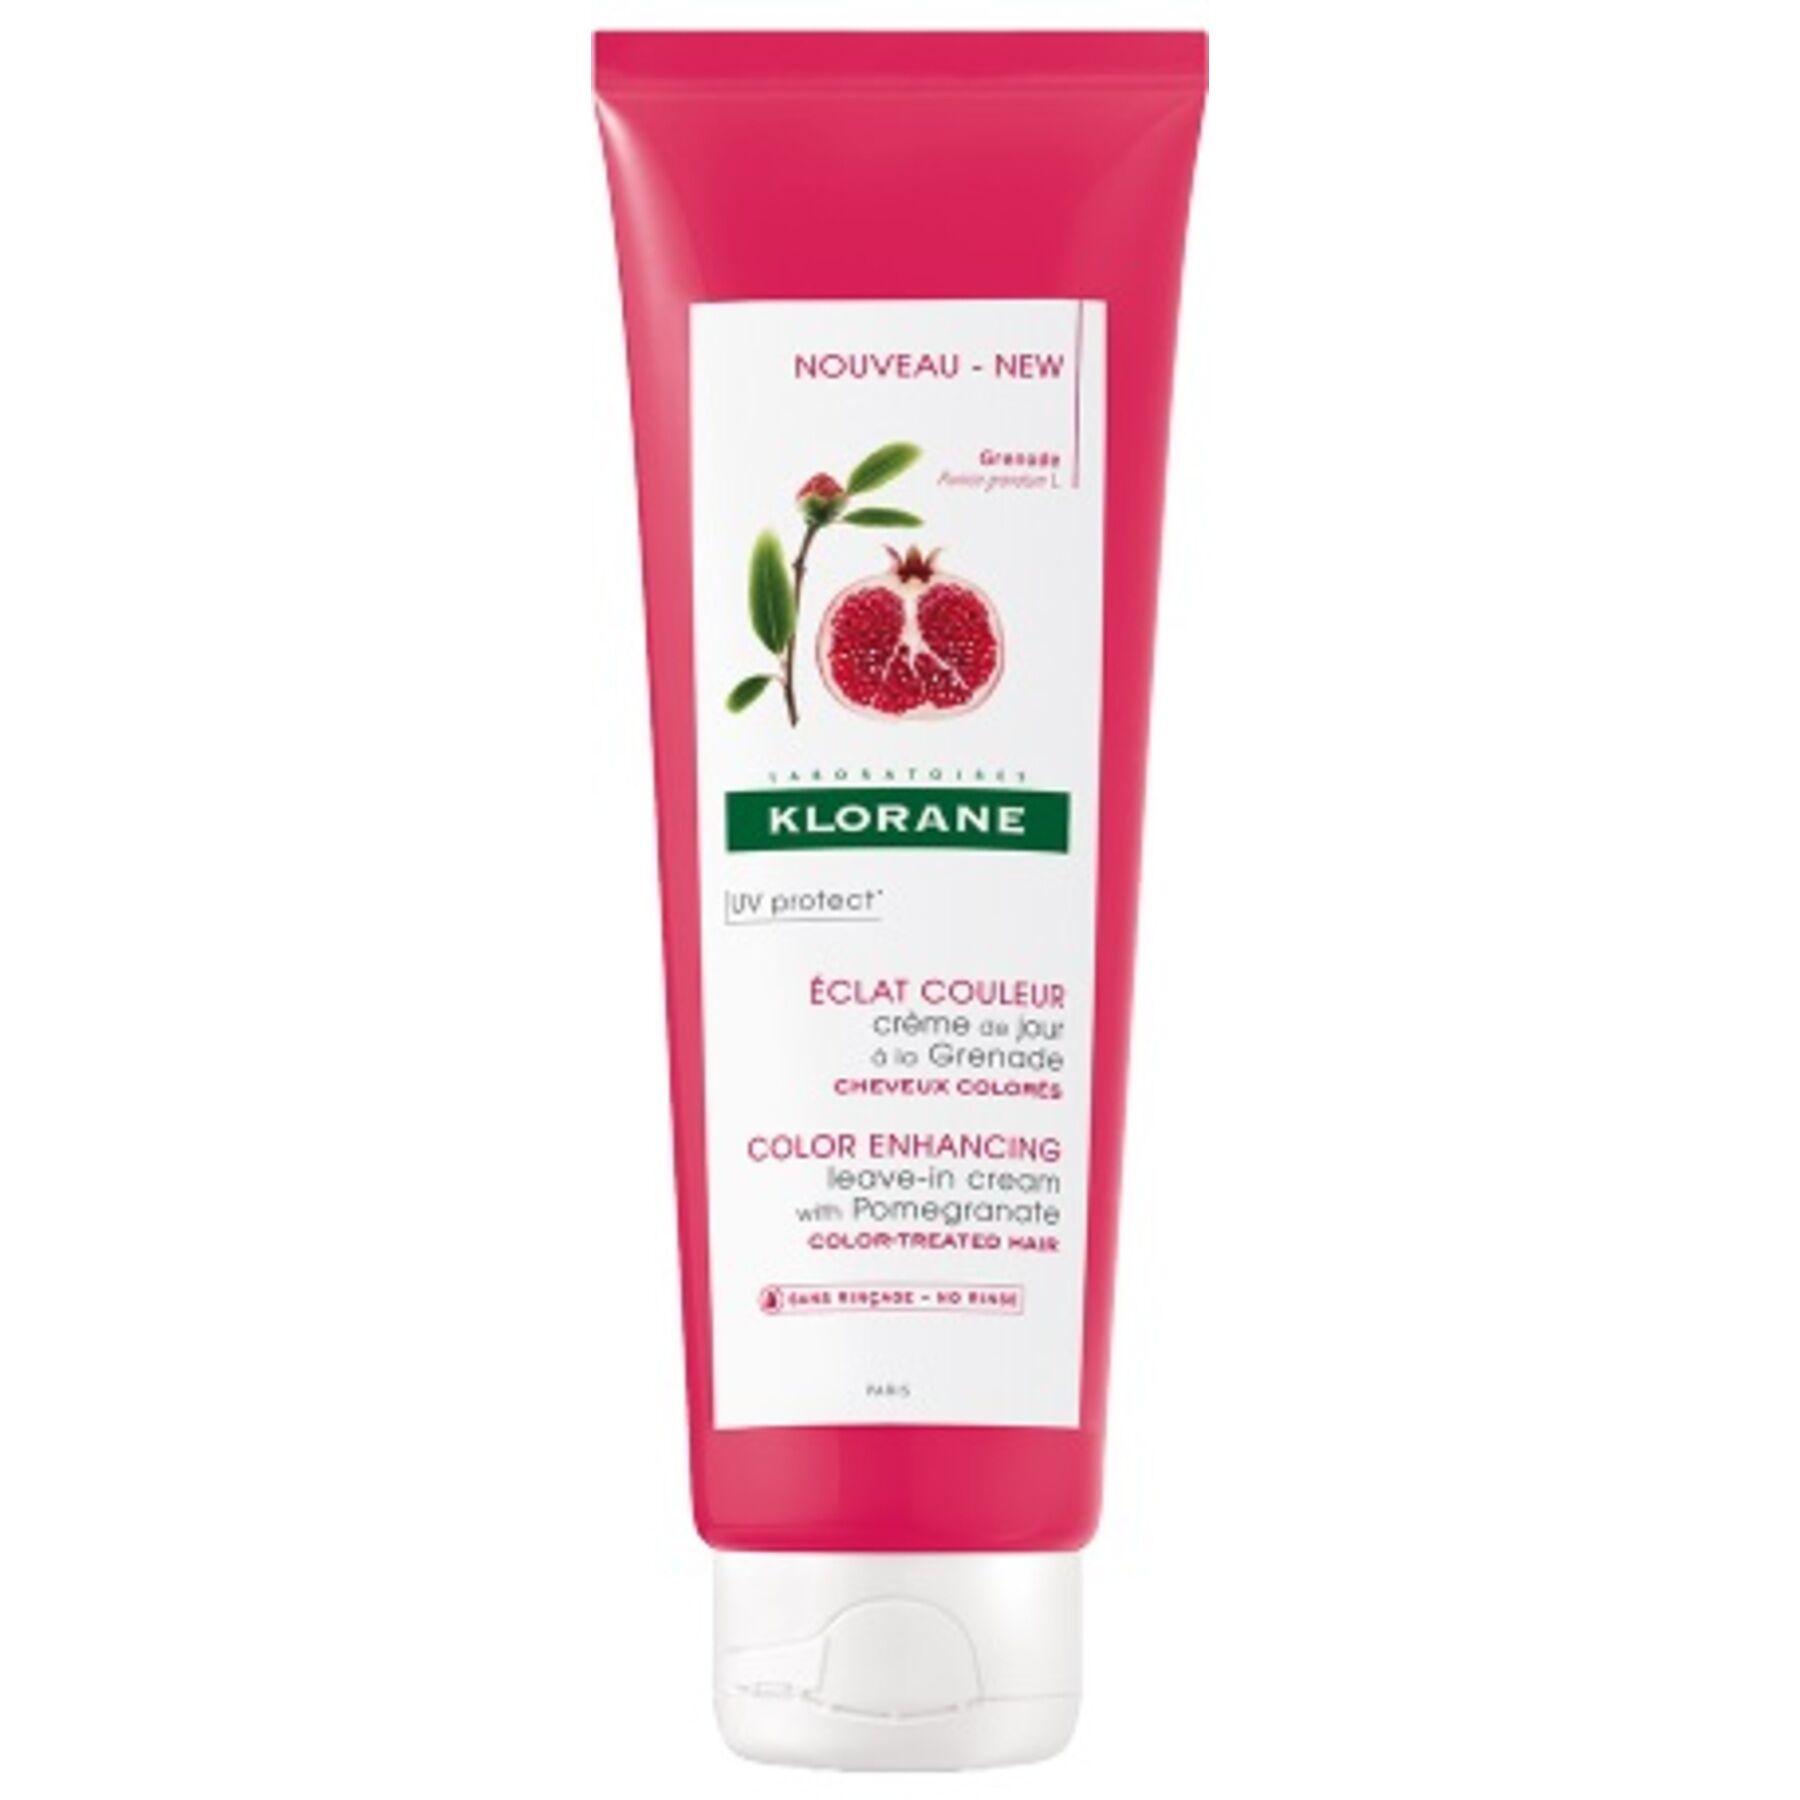 KLORANE (Pierre Fabre It. SpA) Klorane crema quotidiana senza risciacquo al melograno 125 ml